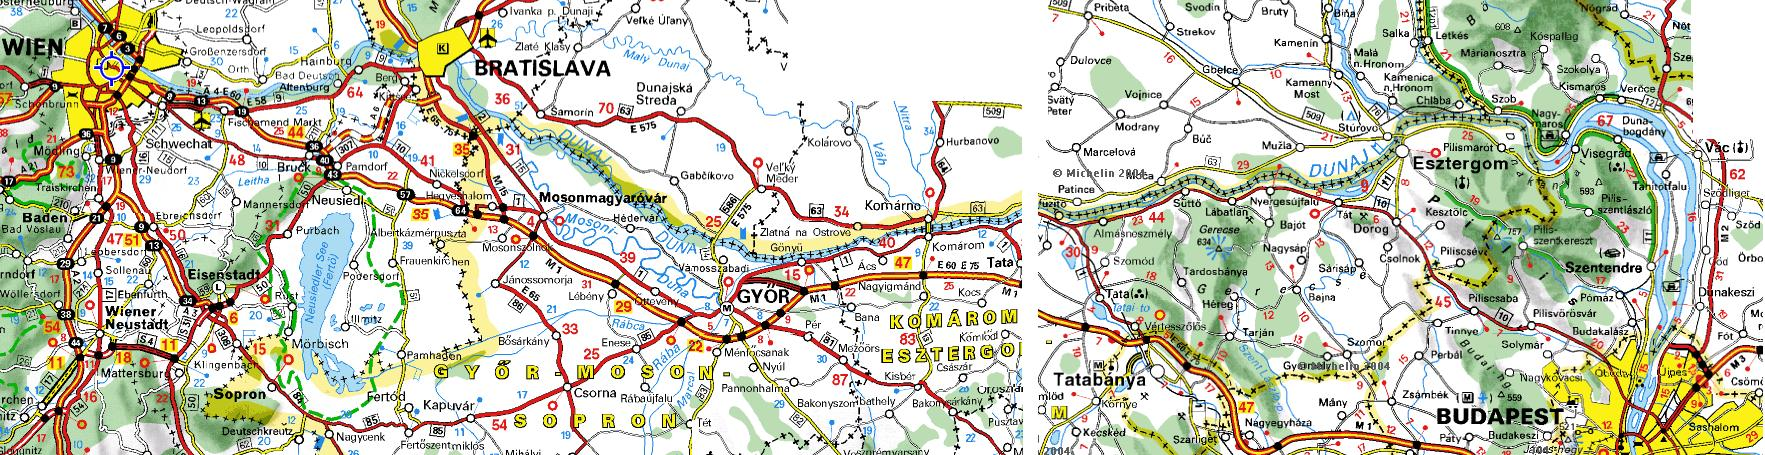 budapest bécs térkép Gruppetto Bécs – Budapest egy napos kerékpárvándortúra 2006. június 10 budapest bécs térkép